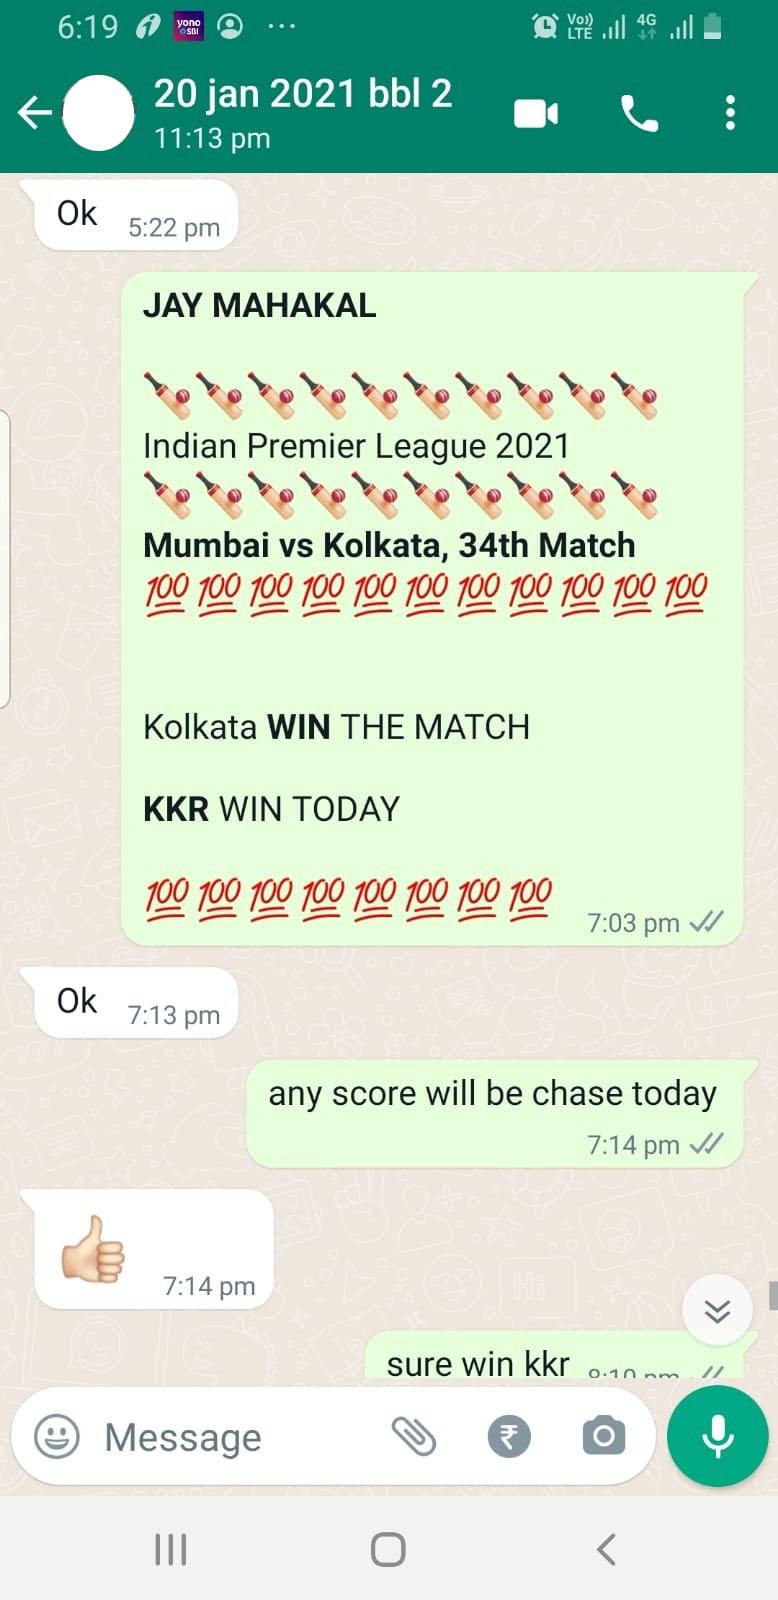 Last Match Real Screenshot